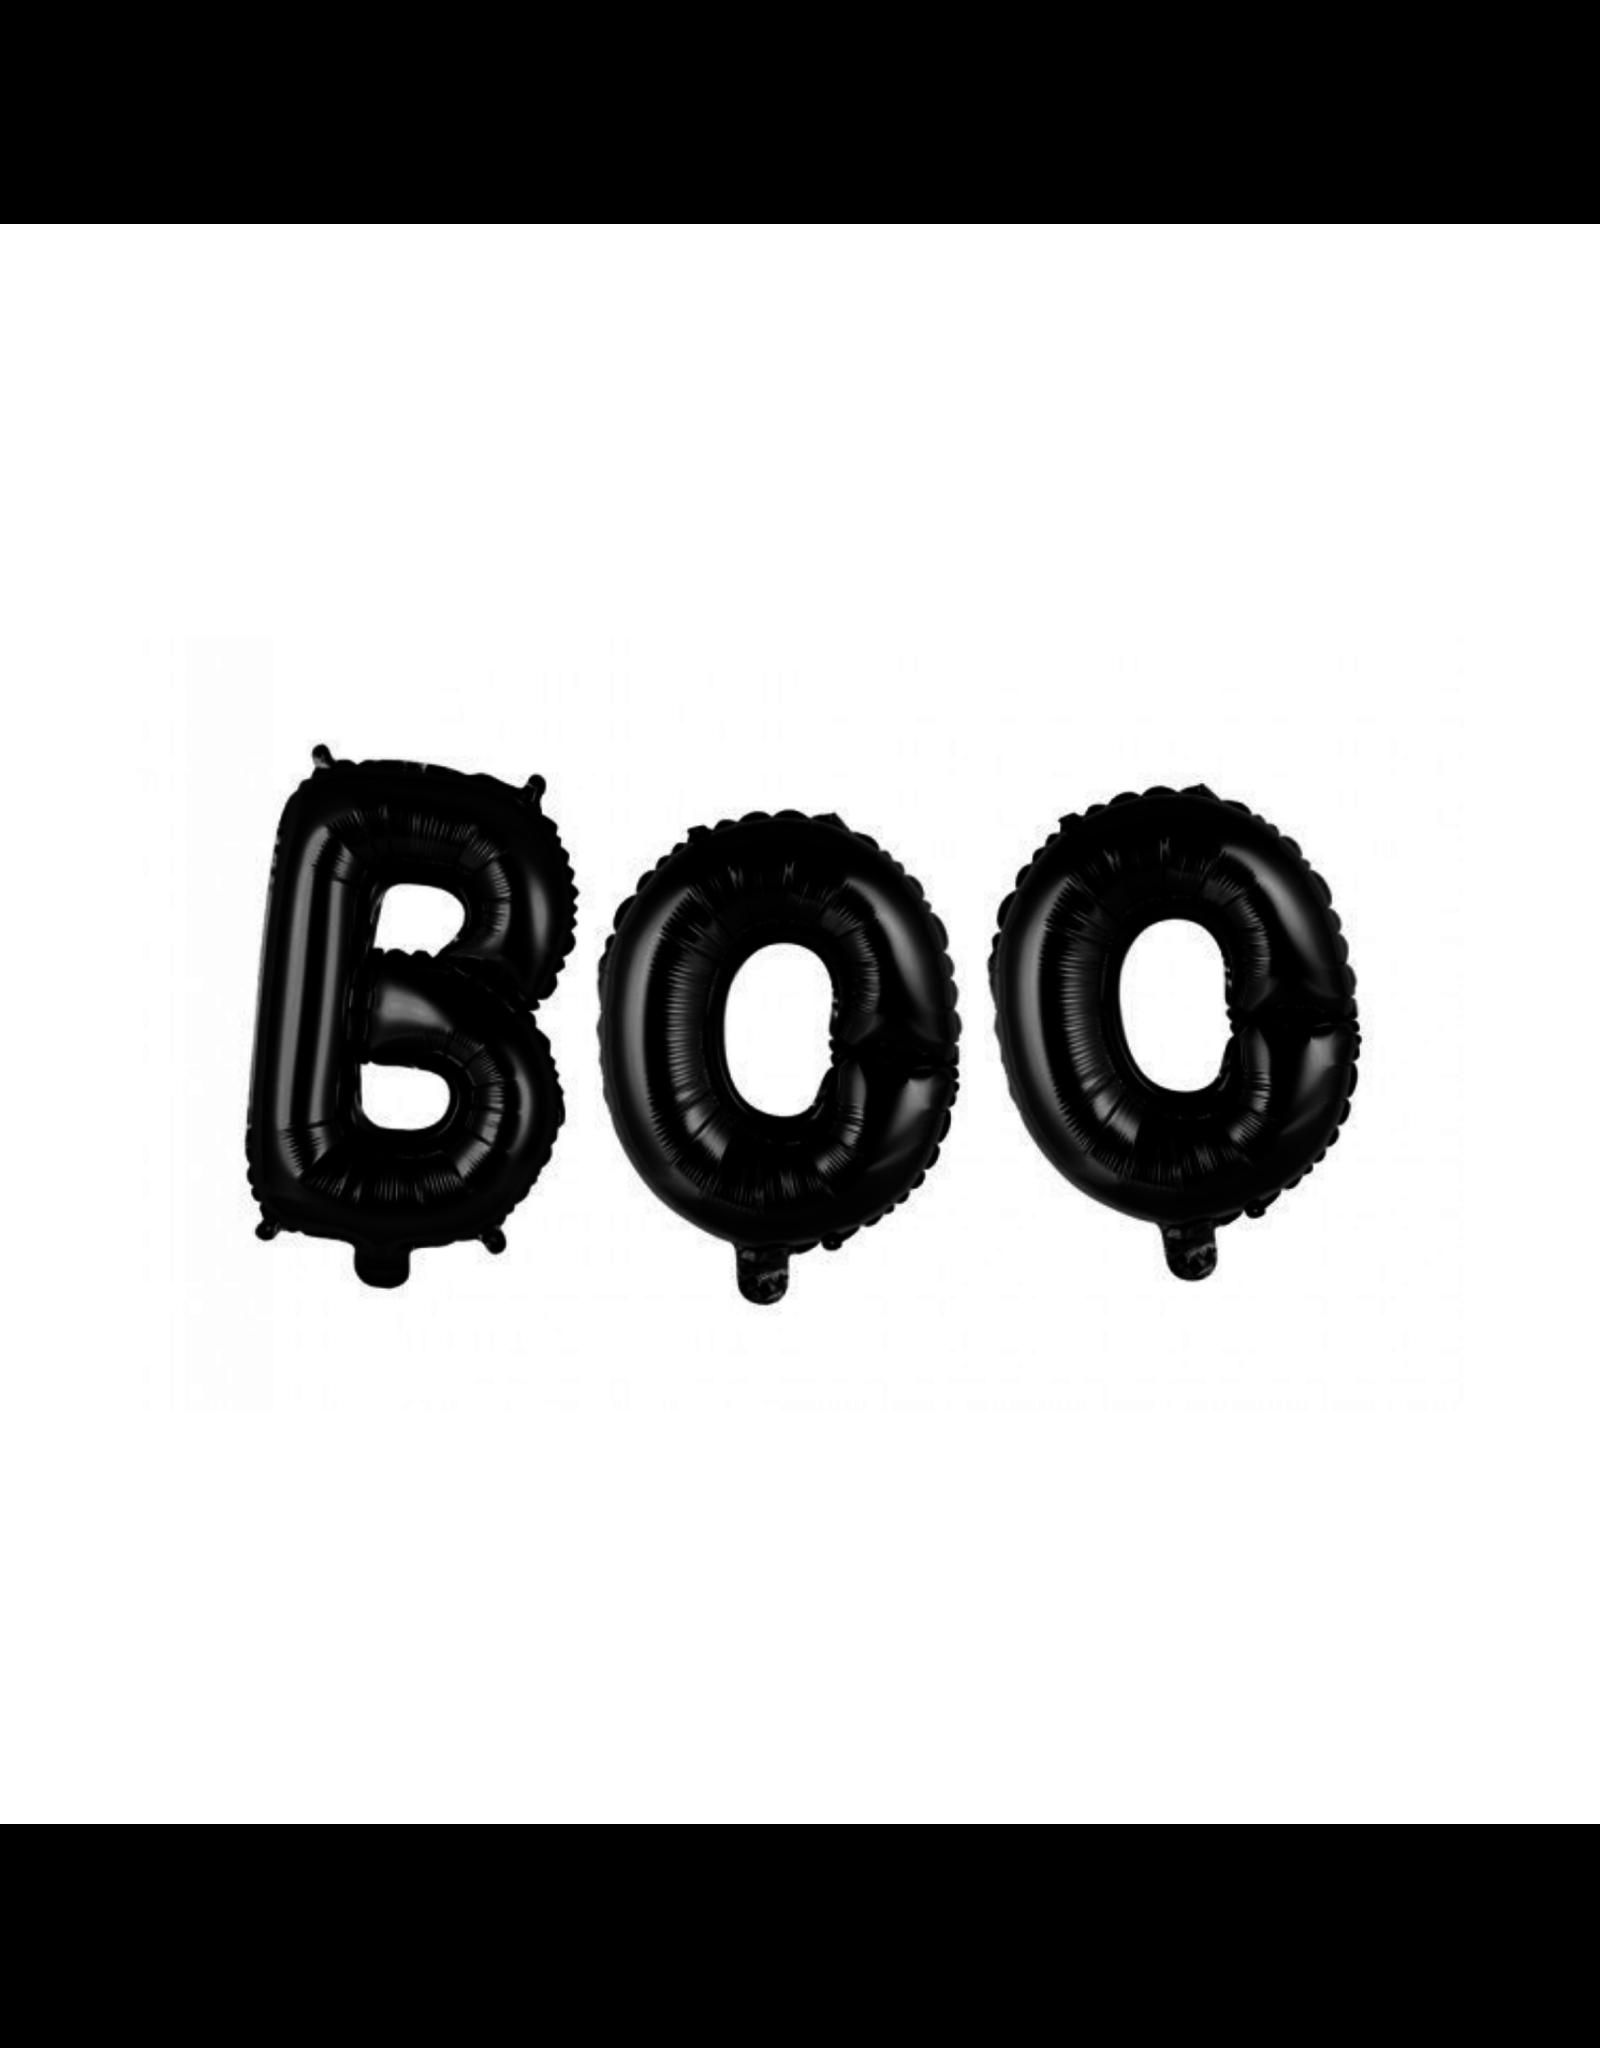 BOO ballon